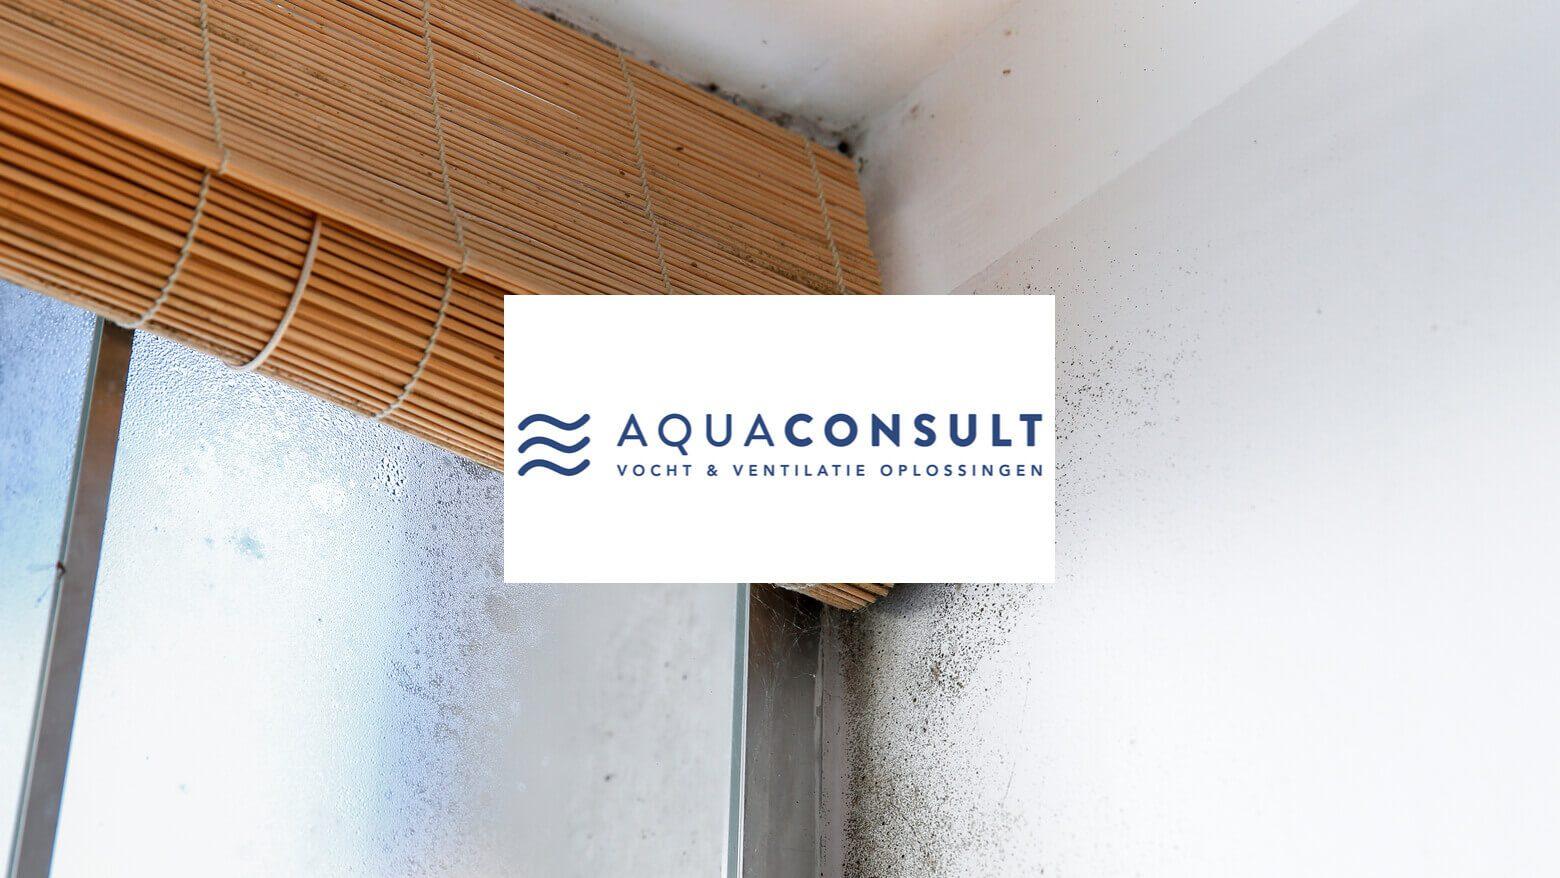 Vochtige muren - Aquaconsult vochtbestrijding